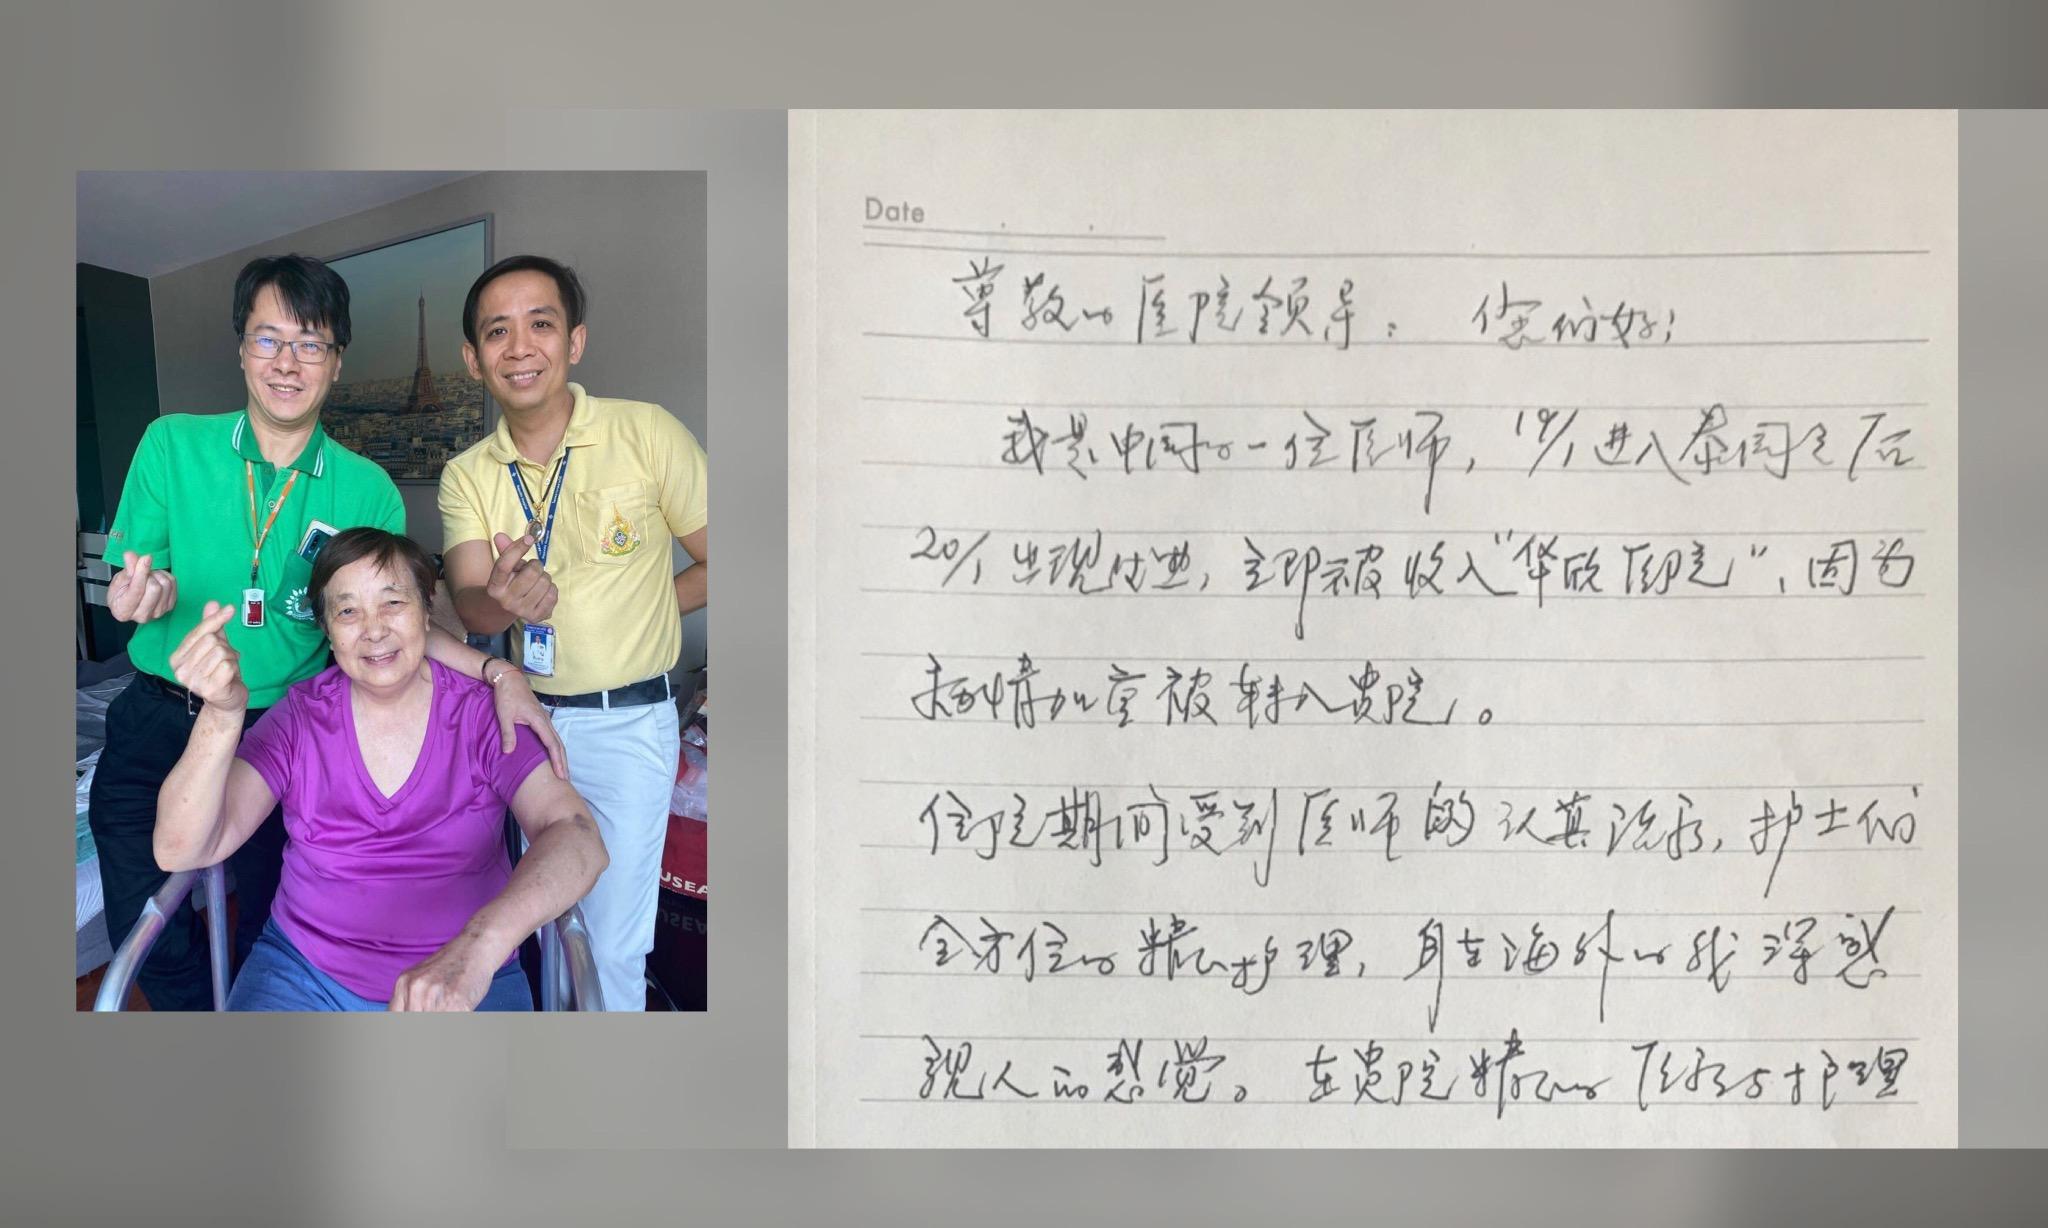 หมอชาวจีนป่วยโควิด-19 ขอบคุณทีมแพทย์-พยาบาล รพ.ราชวิถี ที่รักษาจนหาย